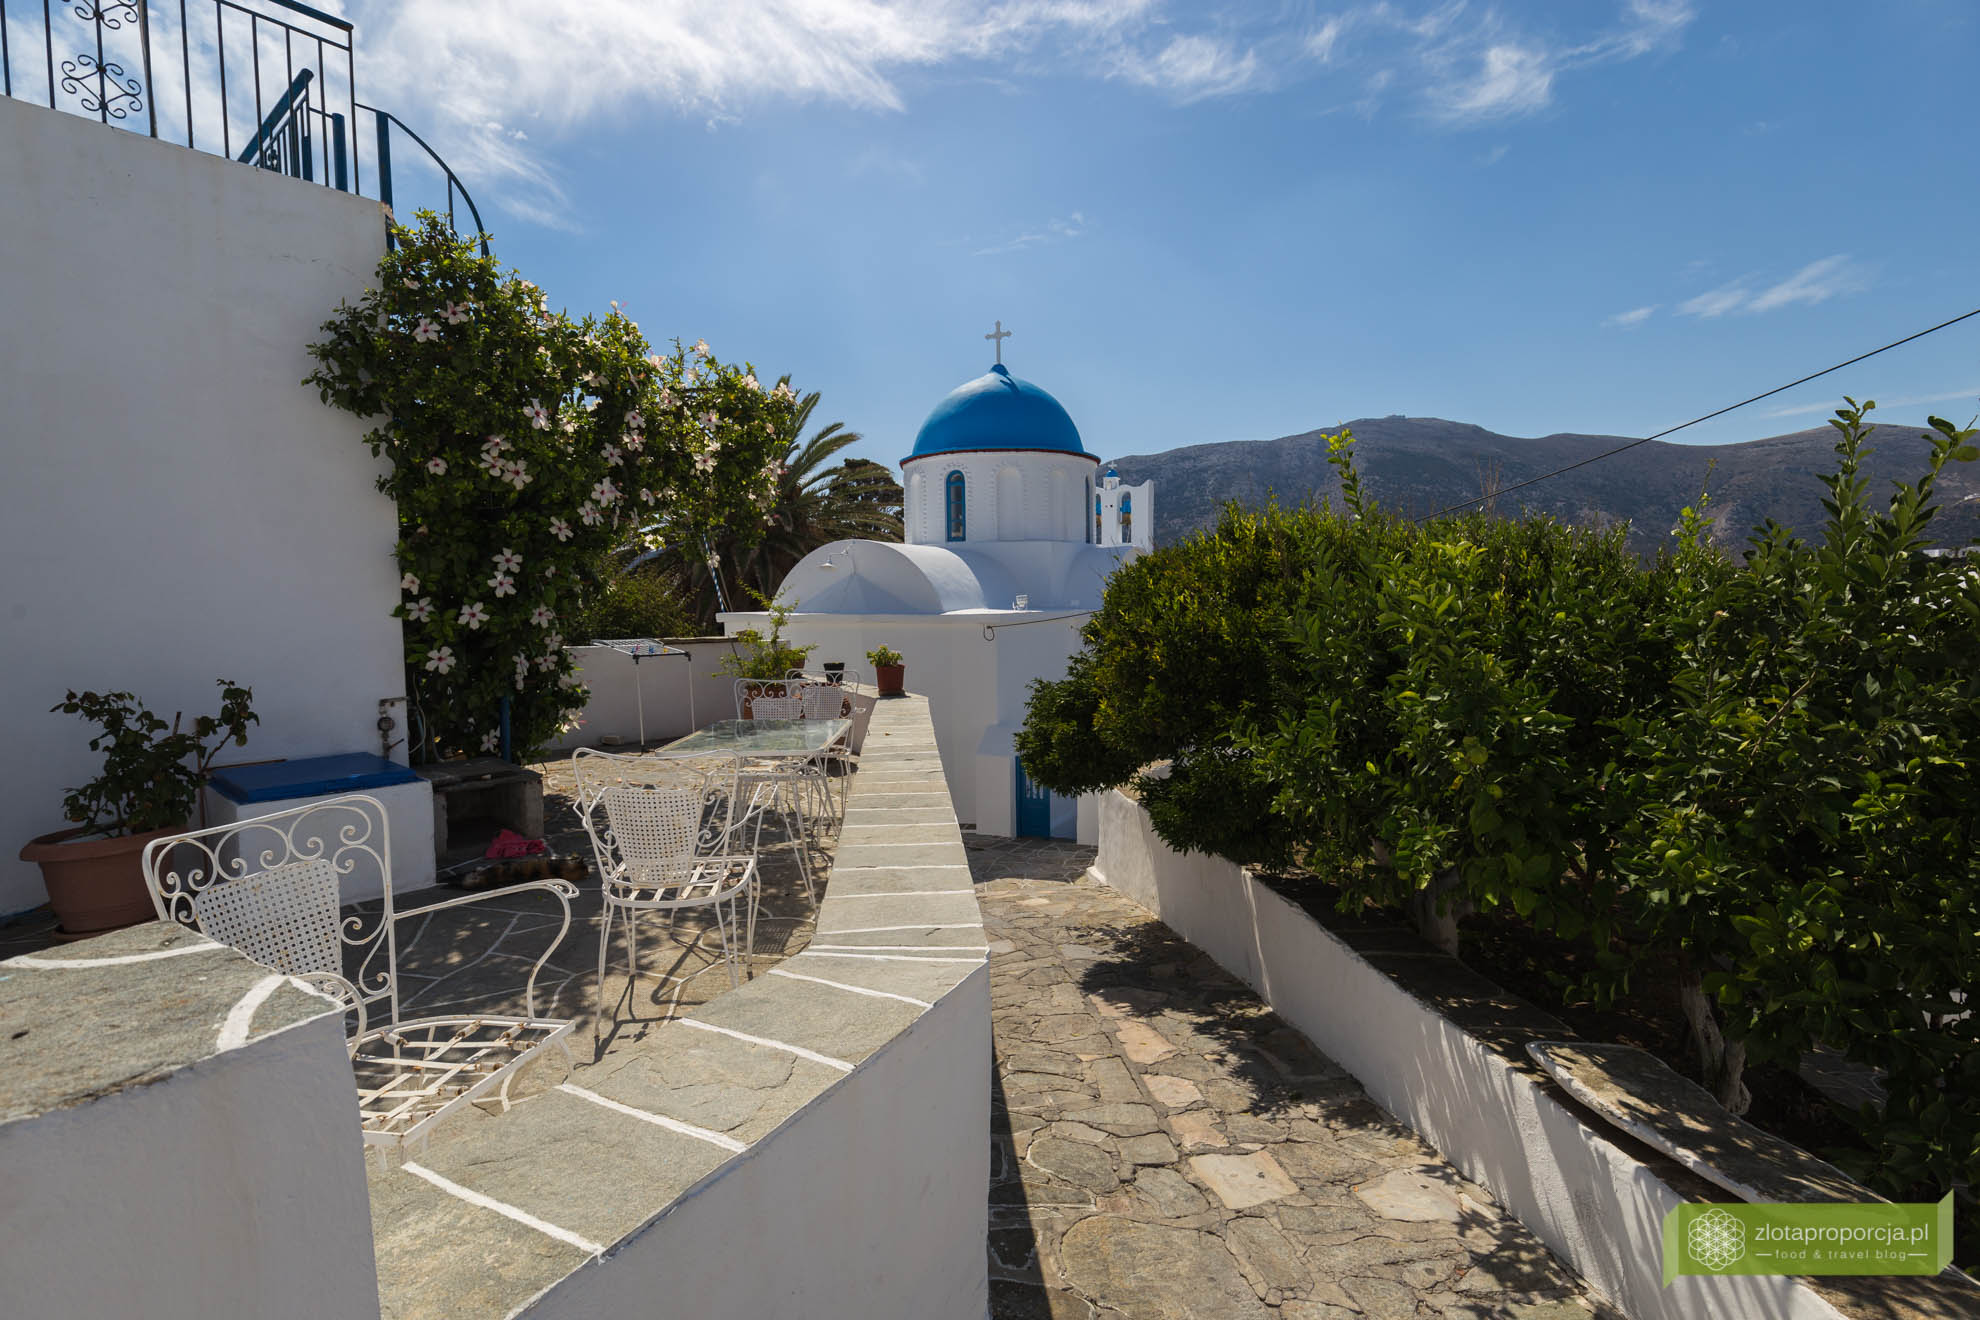 Sifnos, Cyklady, Grecja, Greckie wyspy; Wyspa Sifnos; Cyklady ciekawe miejsca; Kamares, ceramika z Sifnos, Apollonia